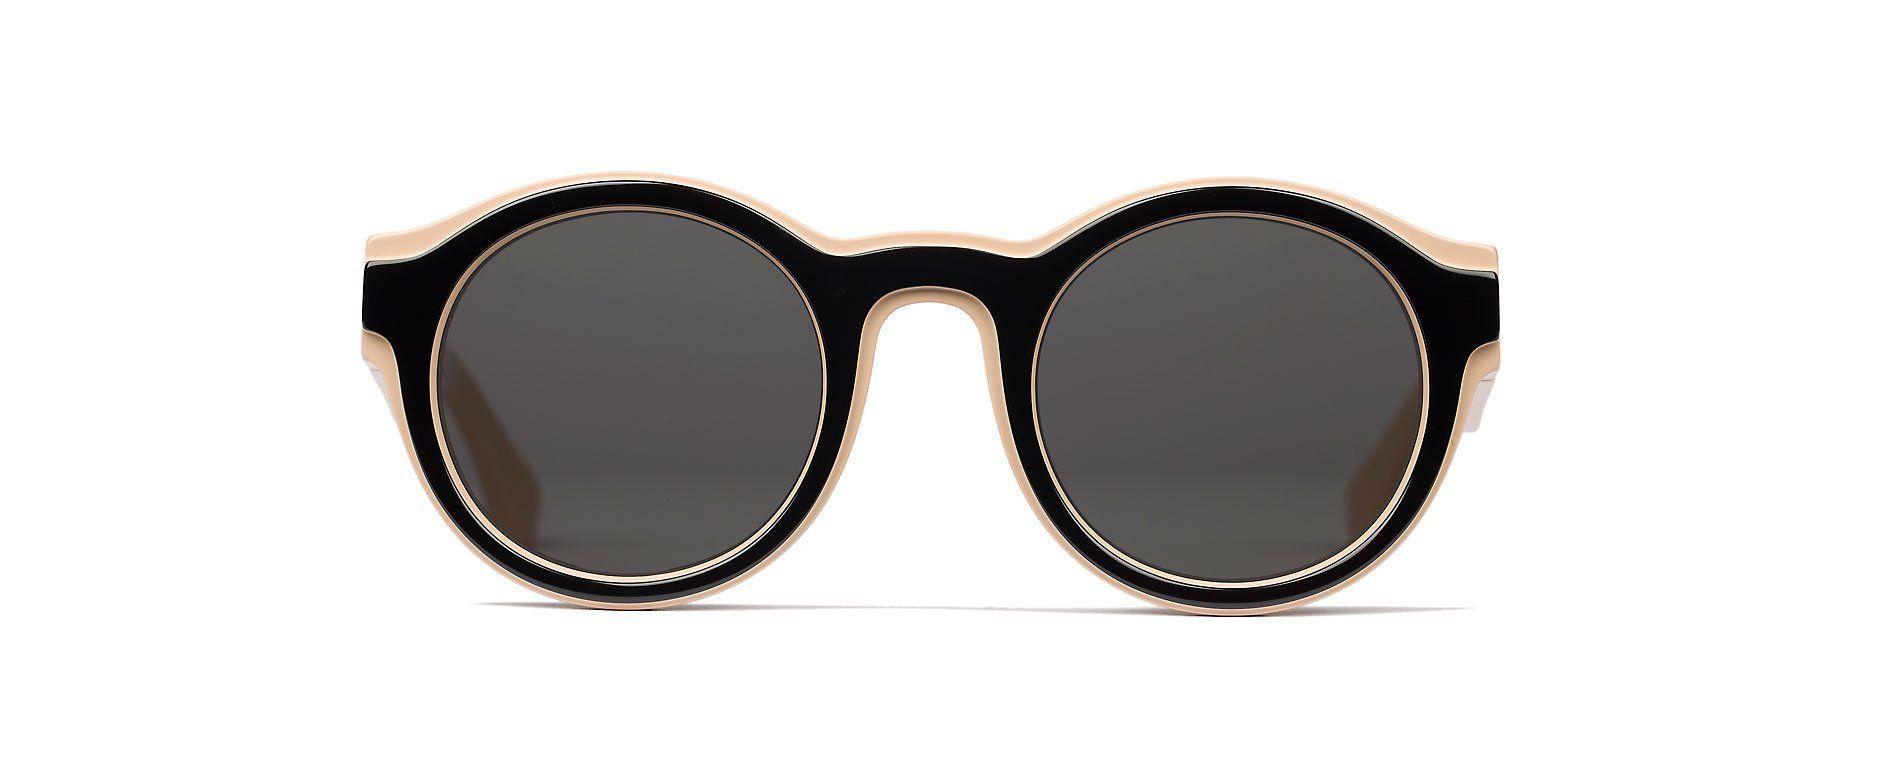 Sunglasses Mykita MMDUAL001 D2 NUDE/BLACK Unisex. Mykita MM DUAL001 D2 NUDE/BLACK.